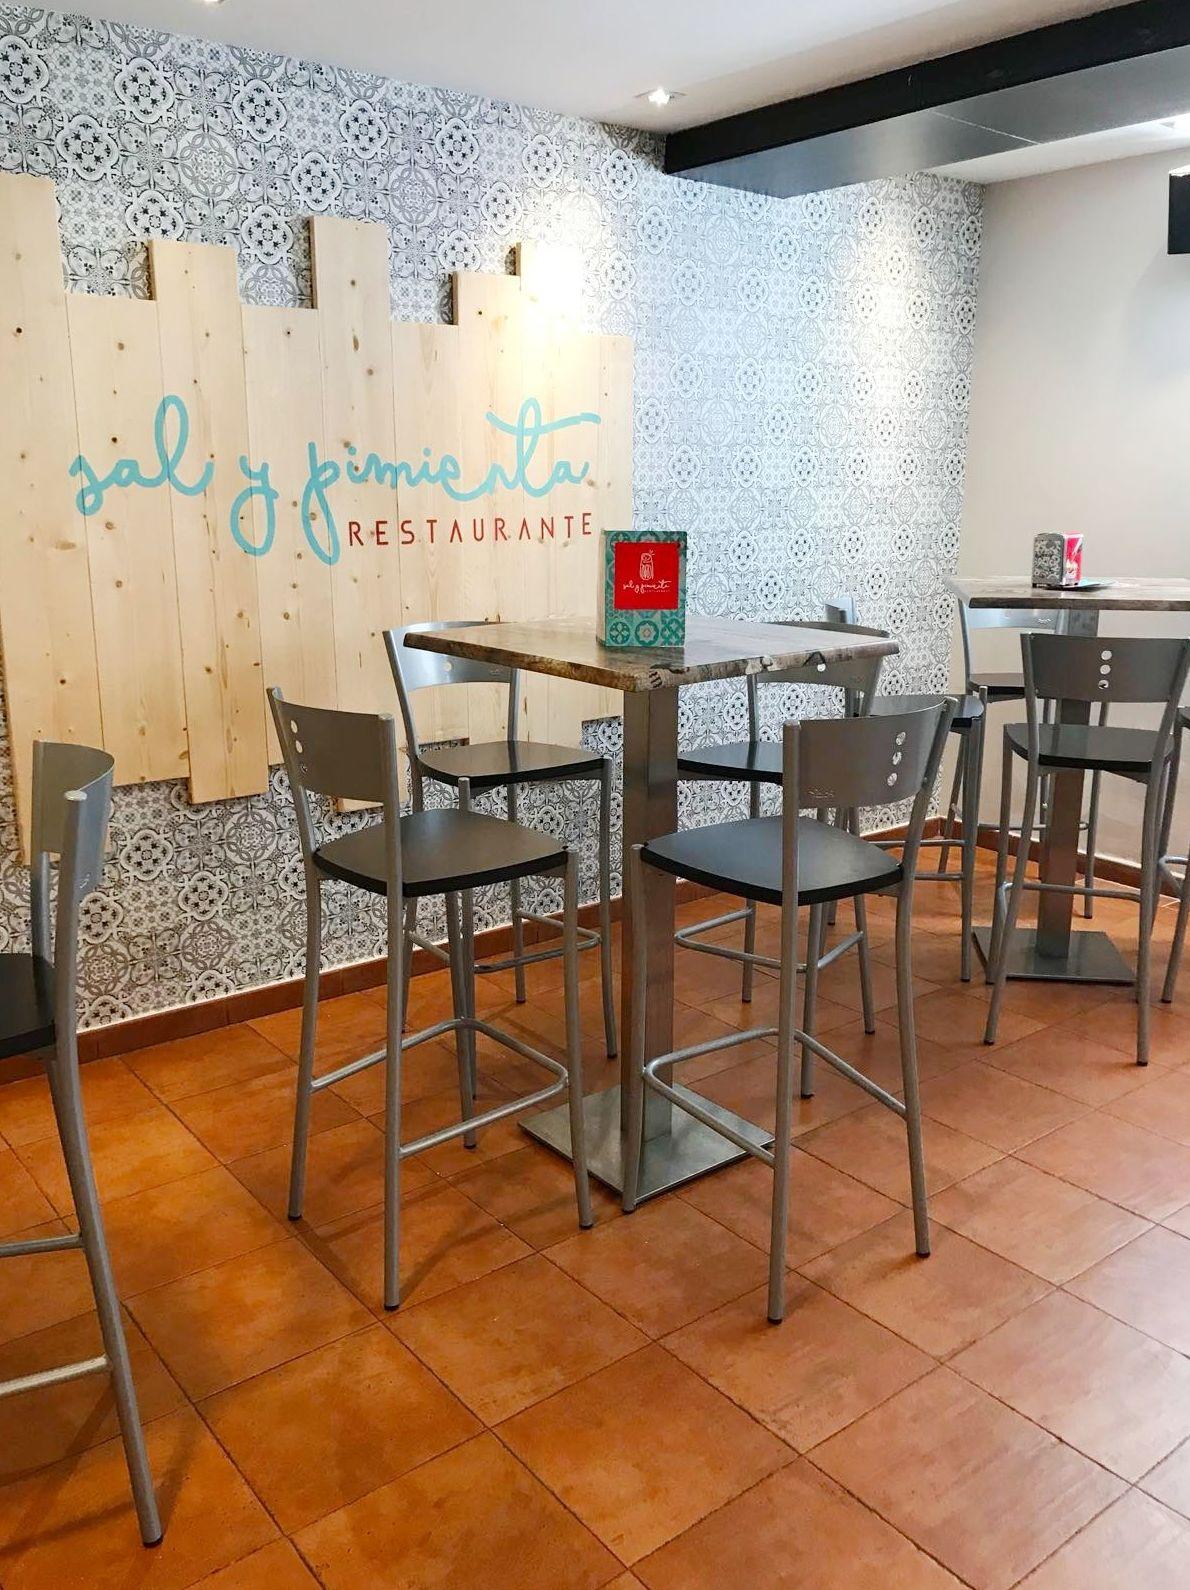 Foto 5 de Cocina aragonesa en Huesca | Restaurante Sal y Pimienta